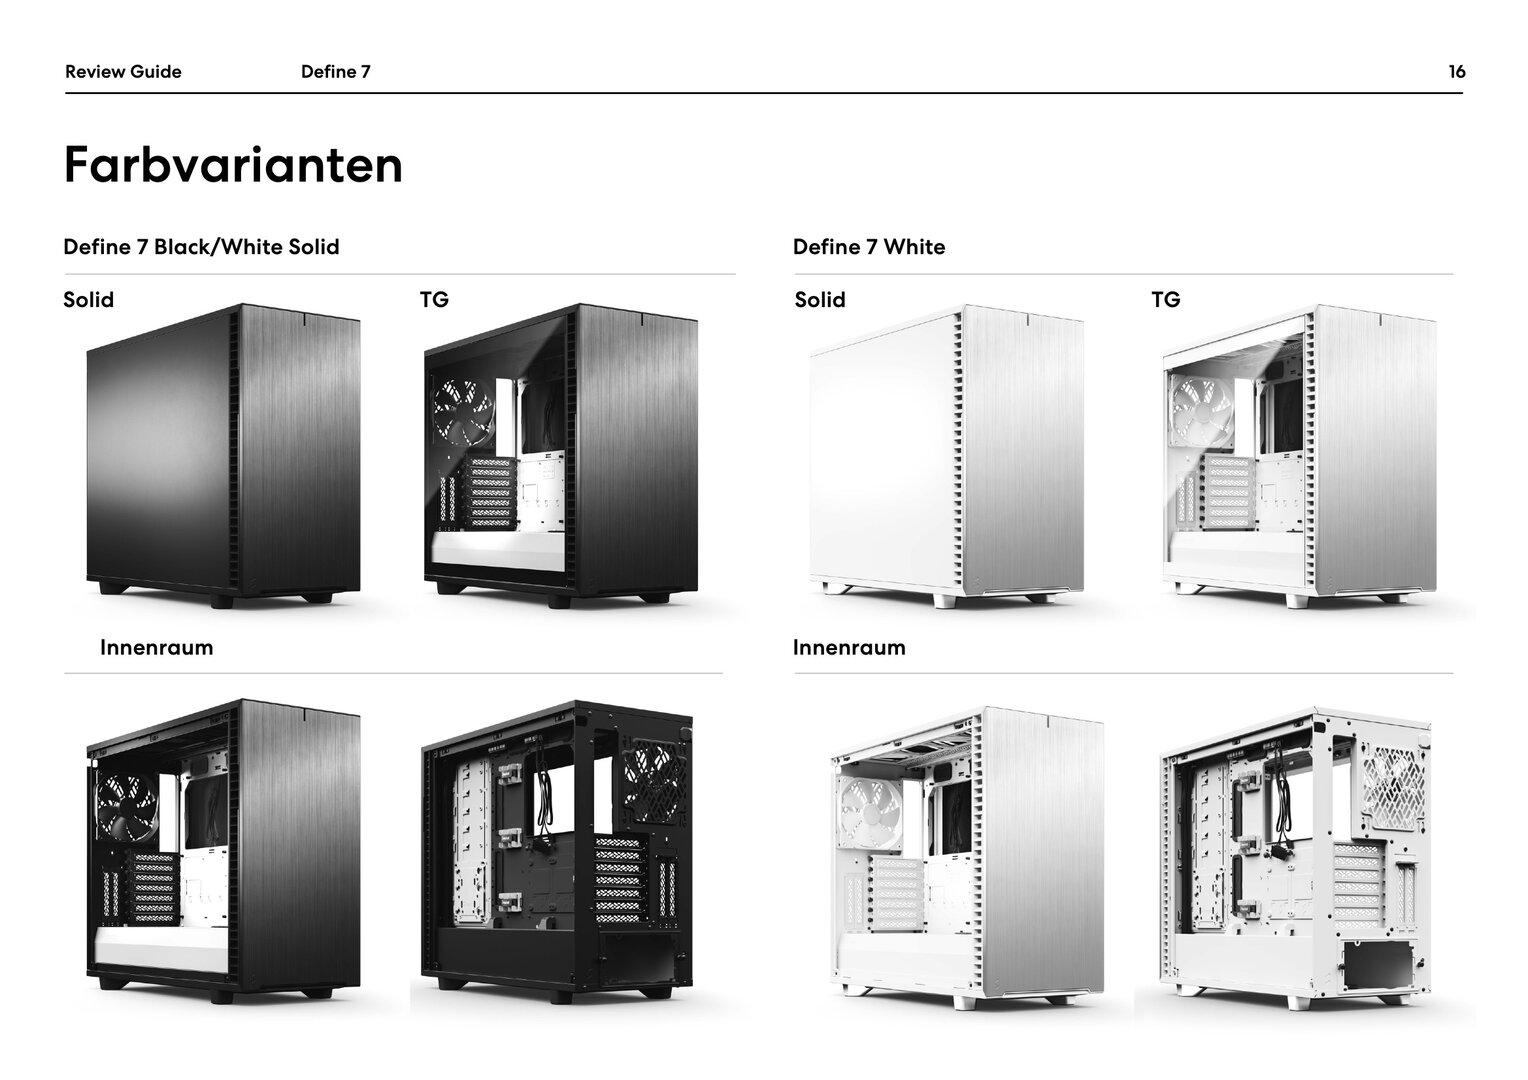 Define 7: Vier Farbvarianten schwarz/weiß und weiß